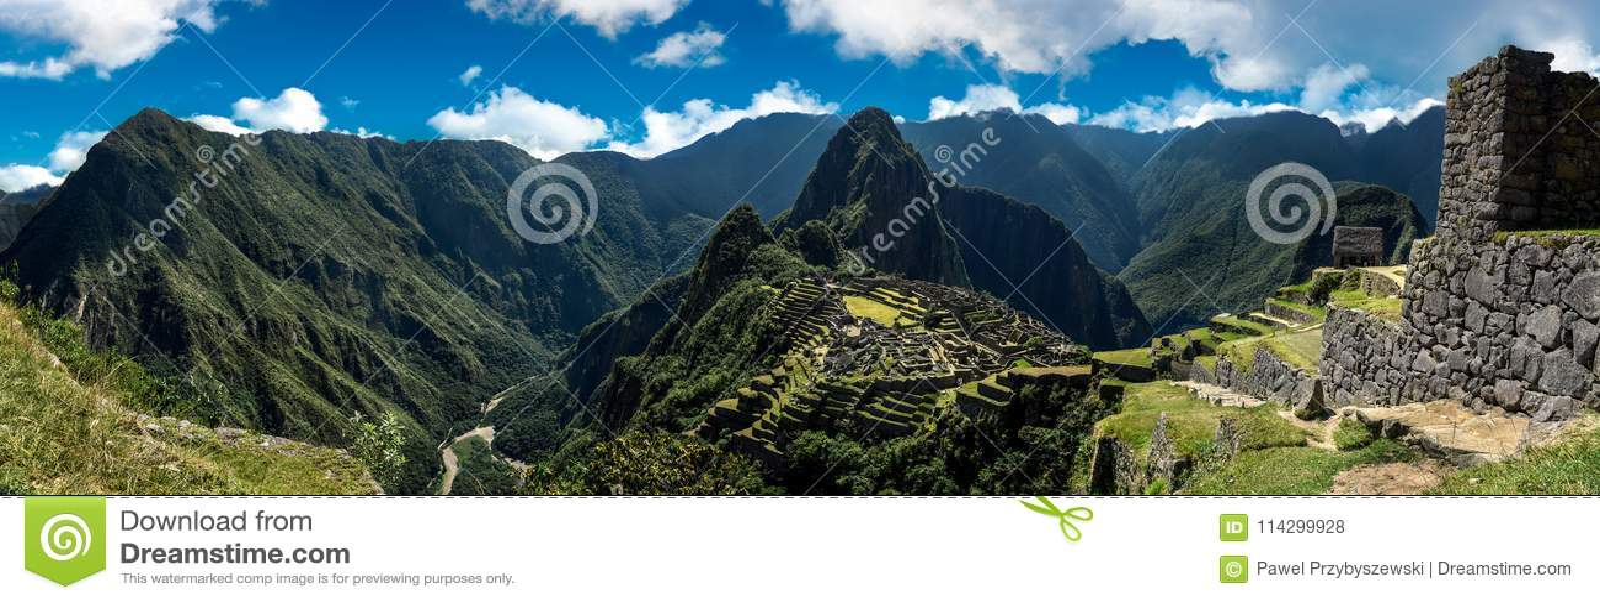 Machu Picchu Pérou - vue panoramique sur une montagne